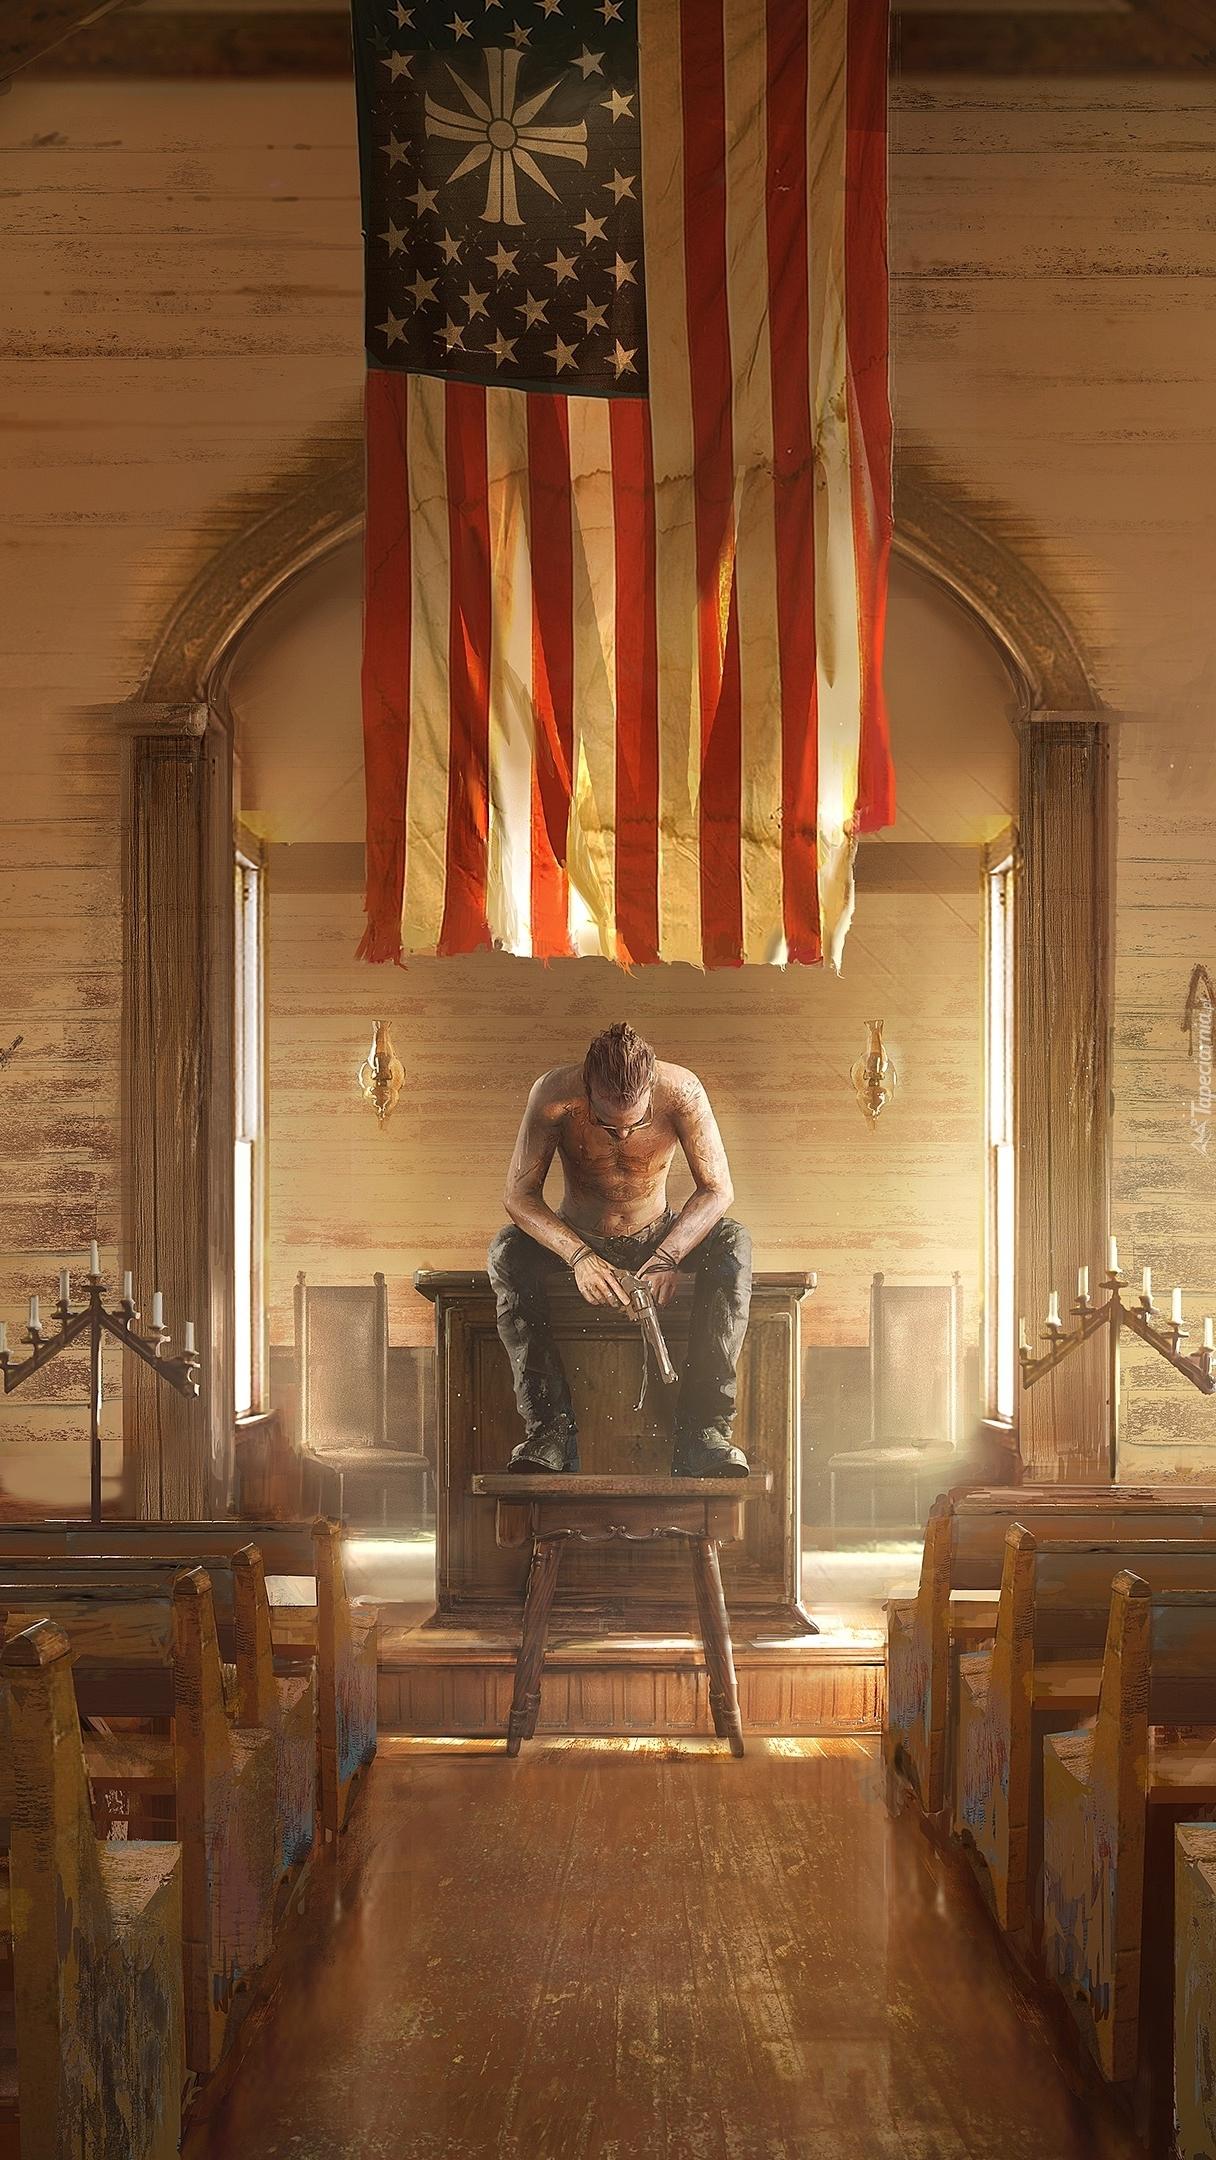 Mężczyzna z bronią we wnętrzu kościoła